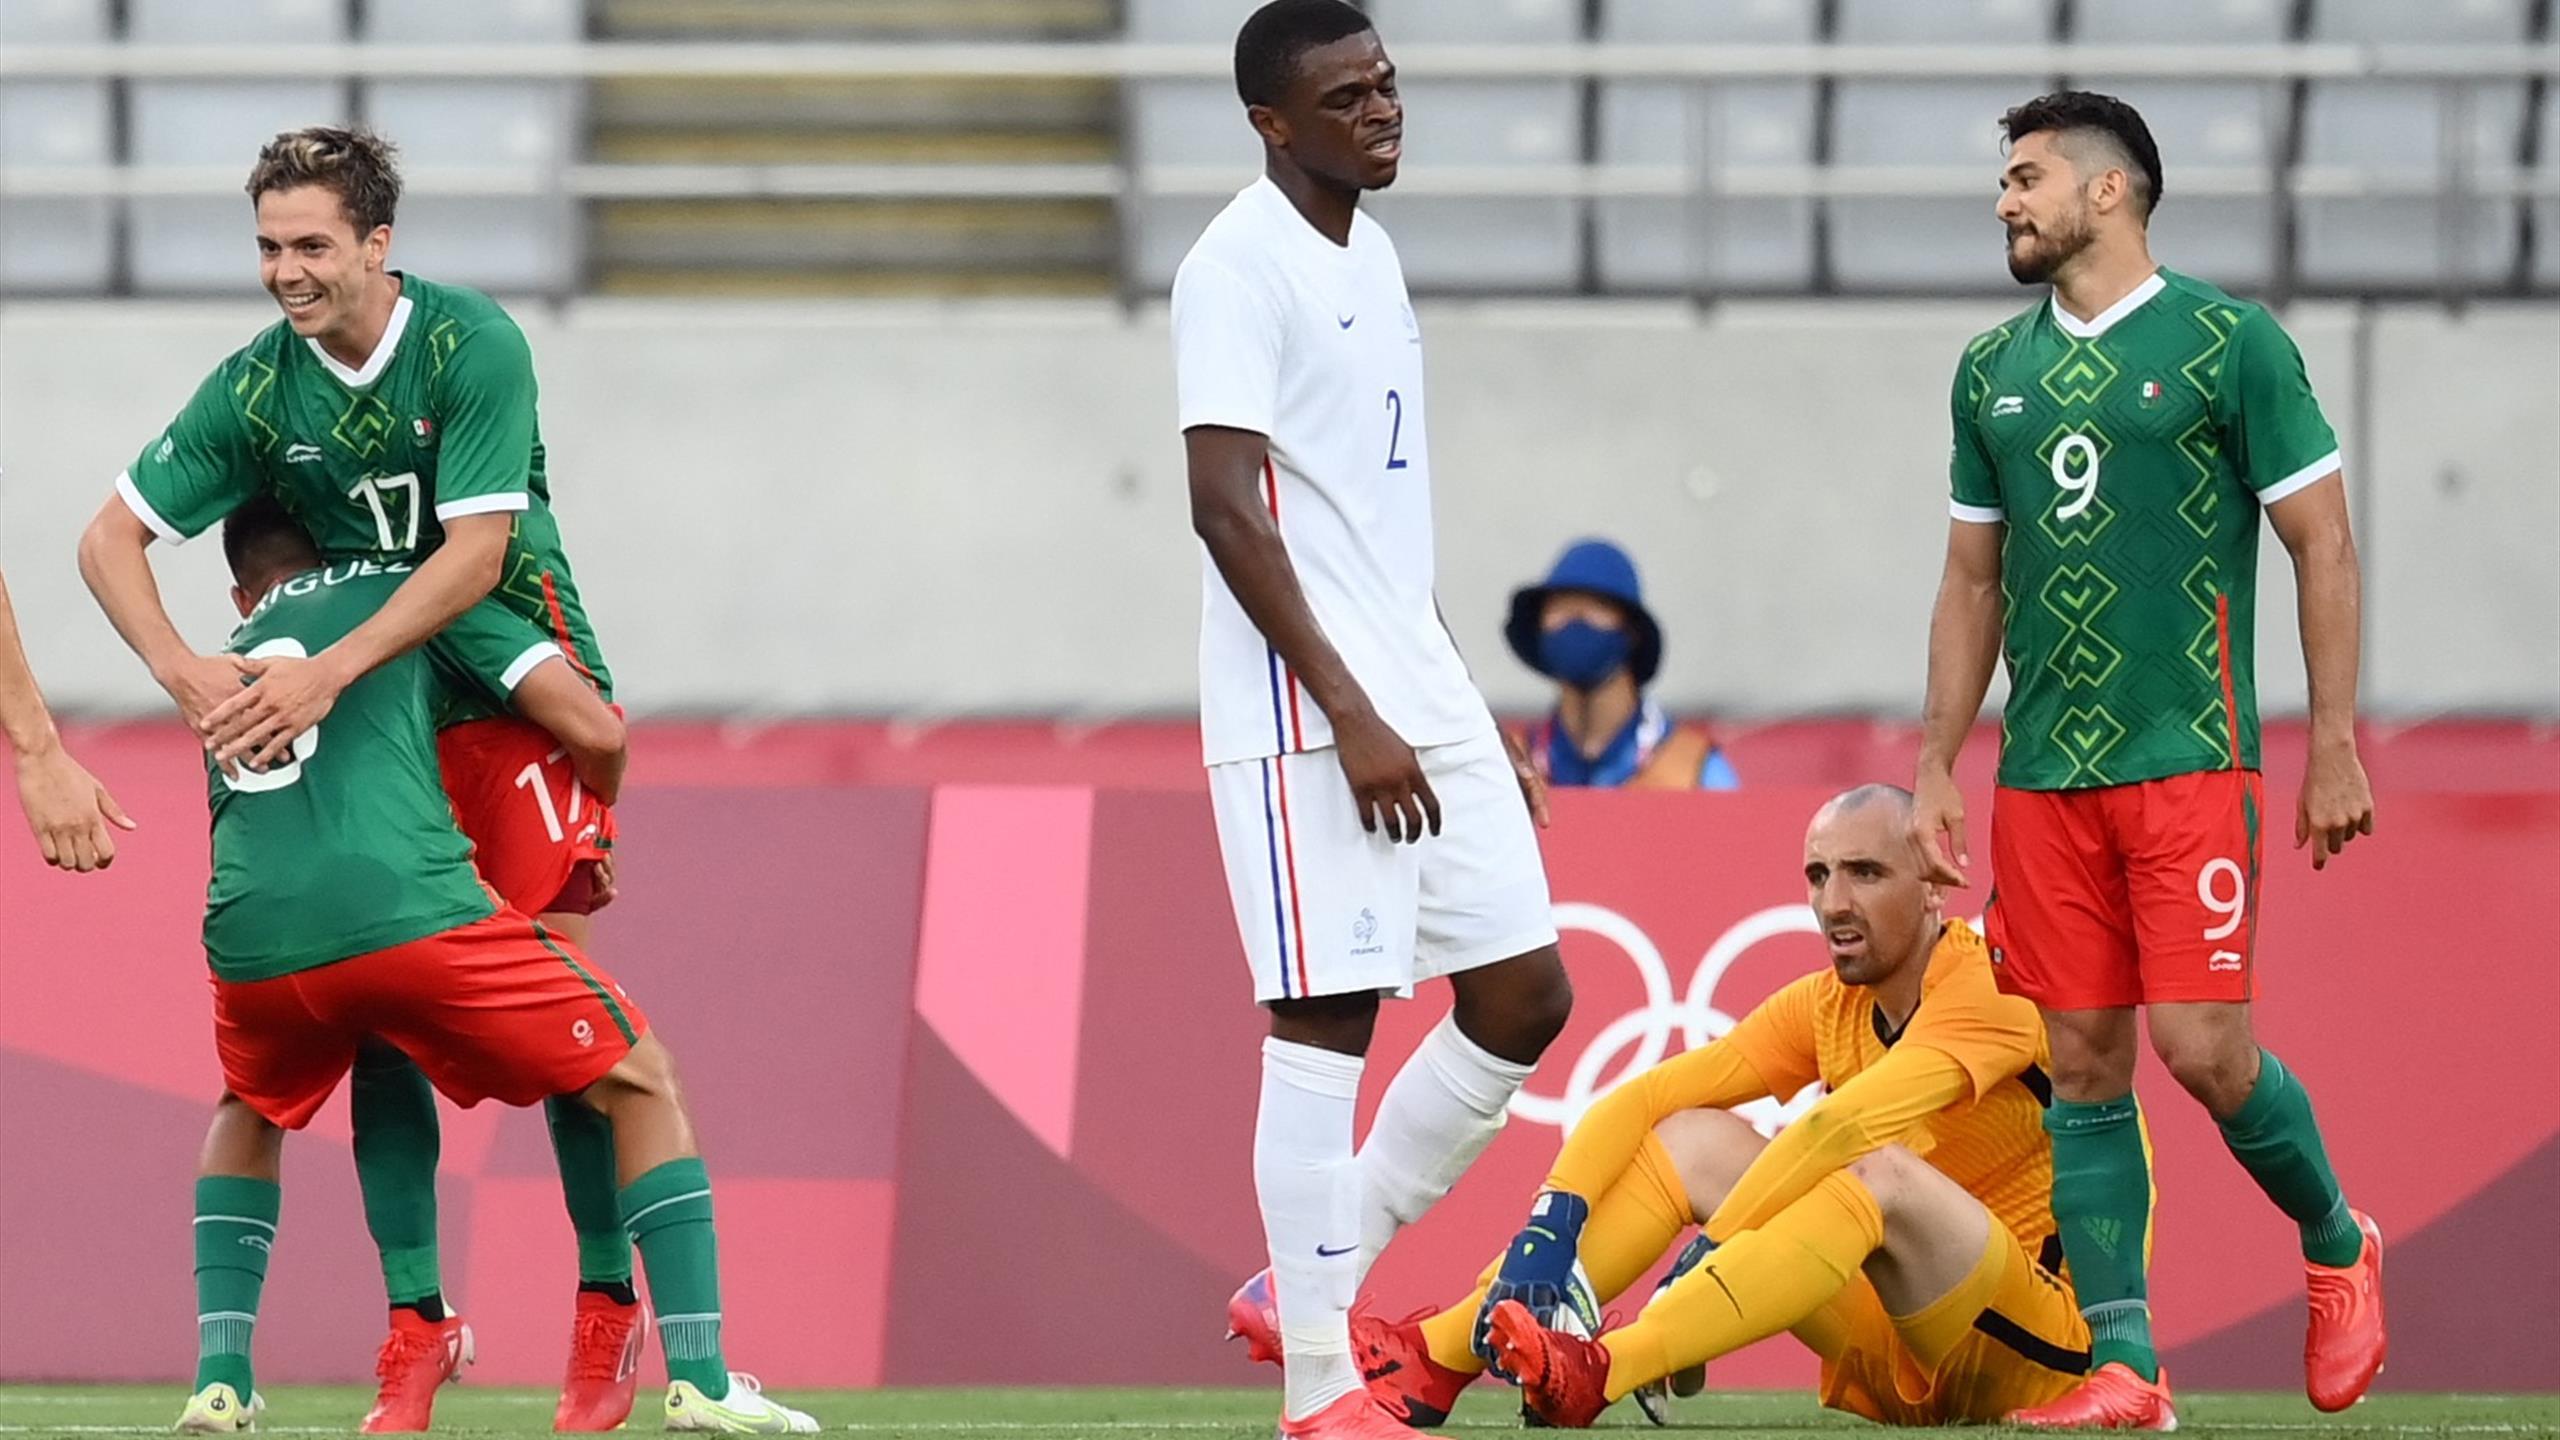 Défense aux abois, Bernardoni fusillé : le but du 2-0 pour le Mexique en vidéo